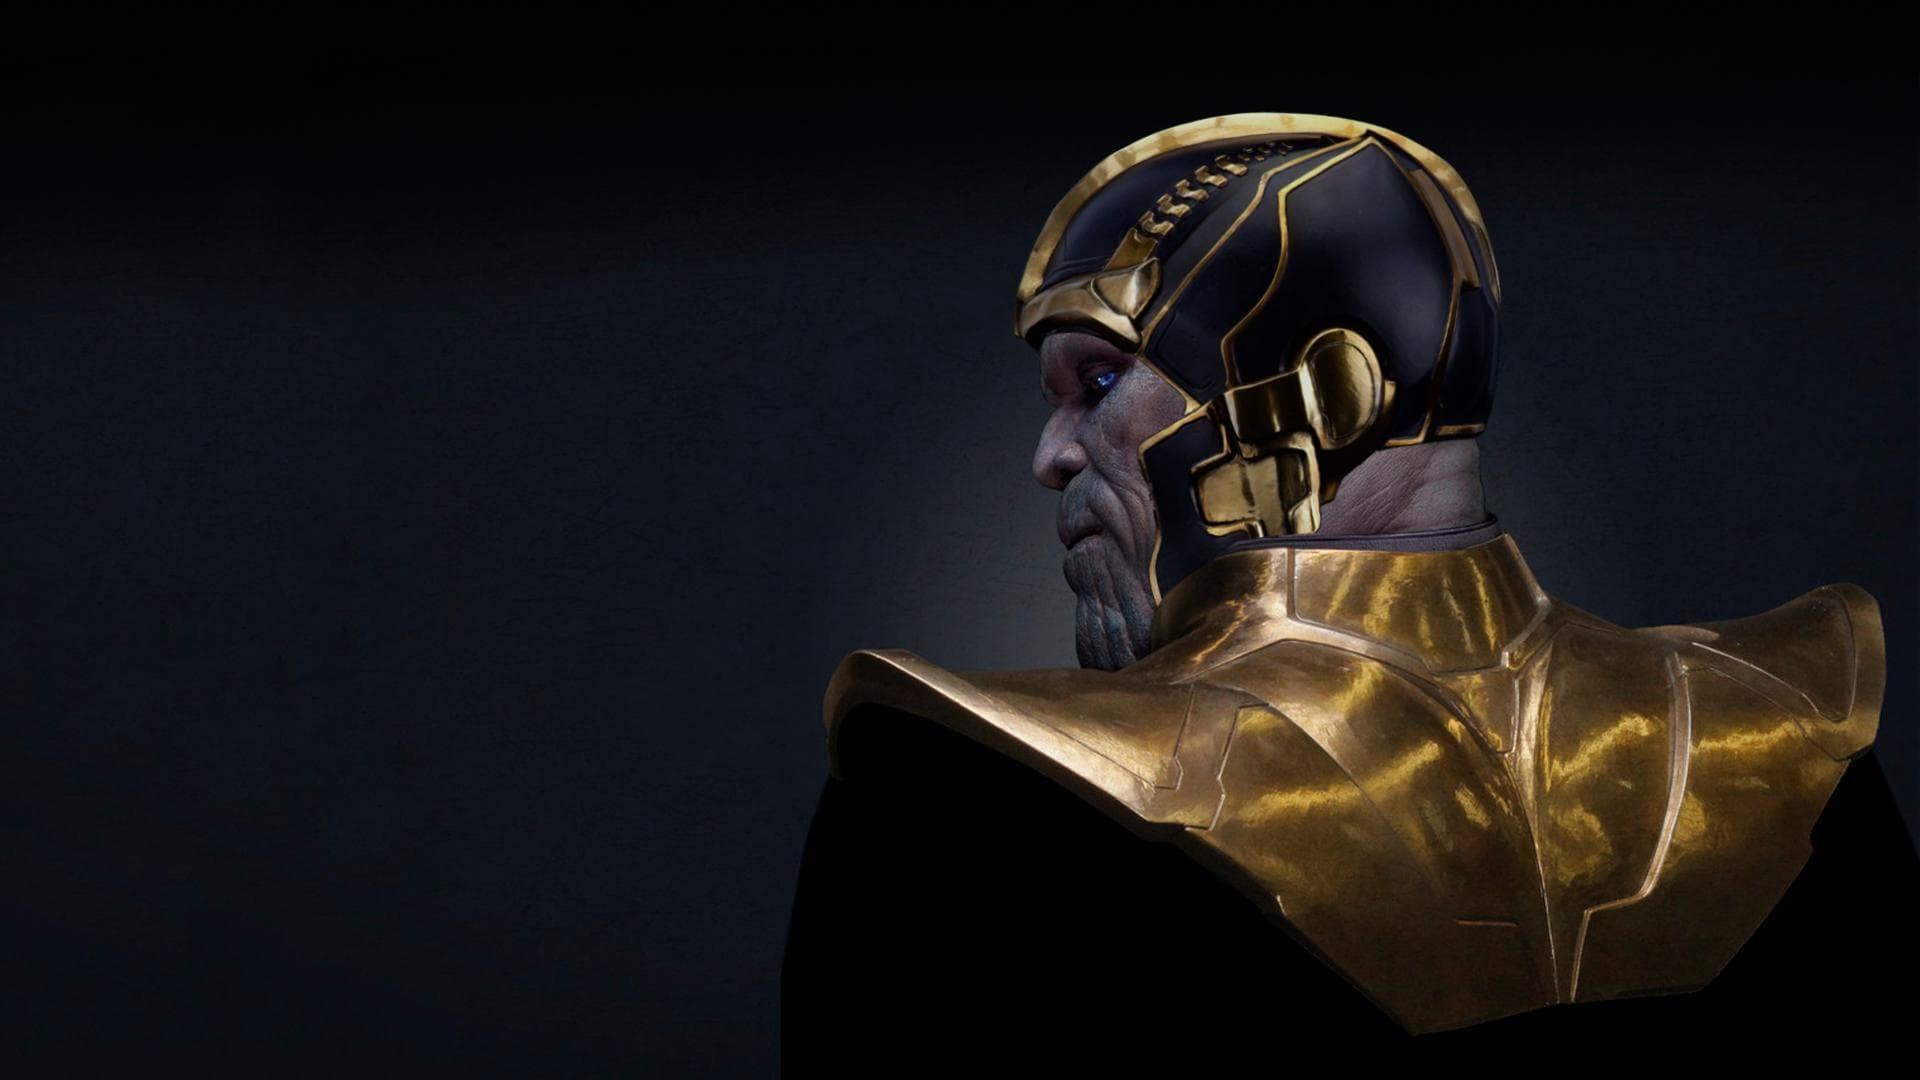 Vingadores: Guerra Infinita arrecada US$ 105 milhões em um único dia